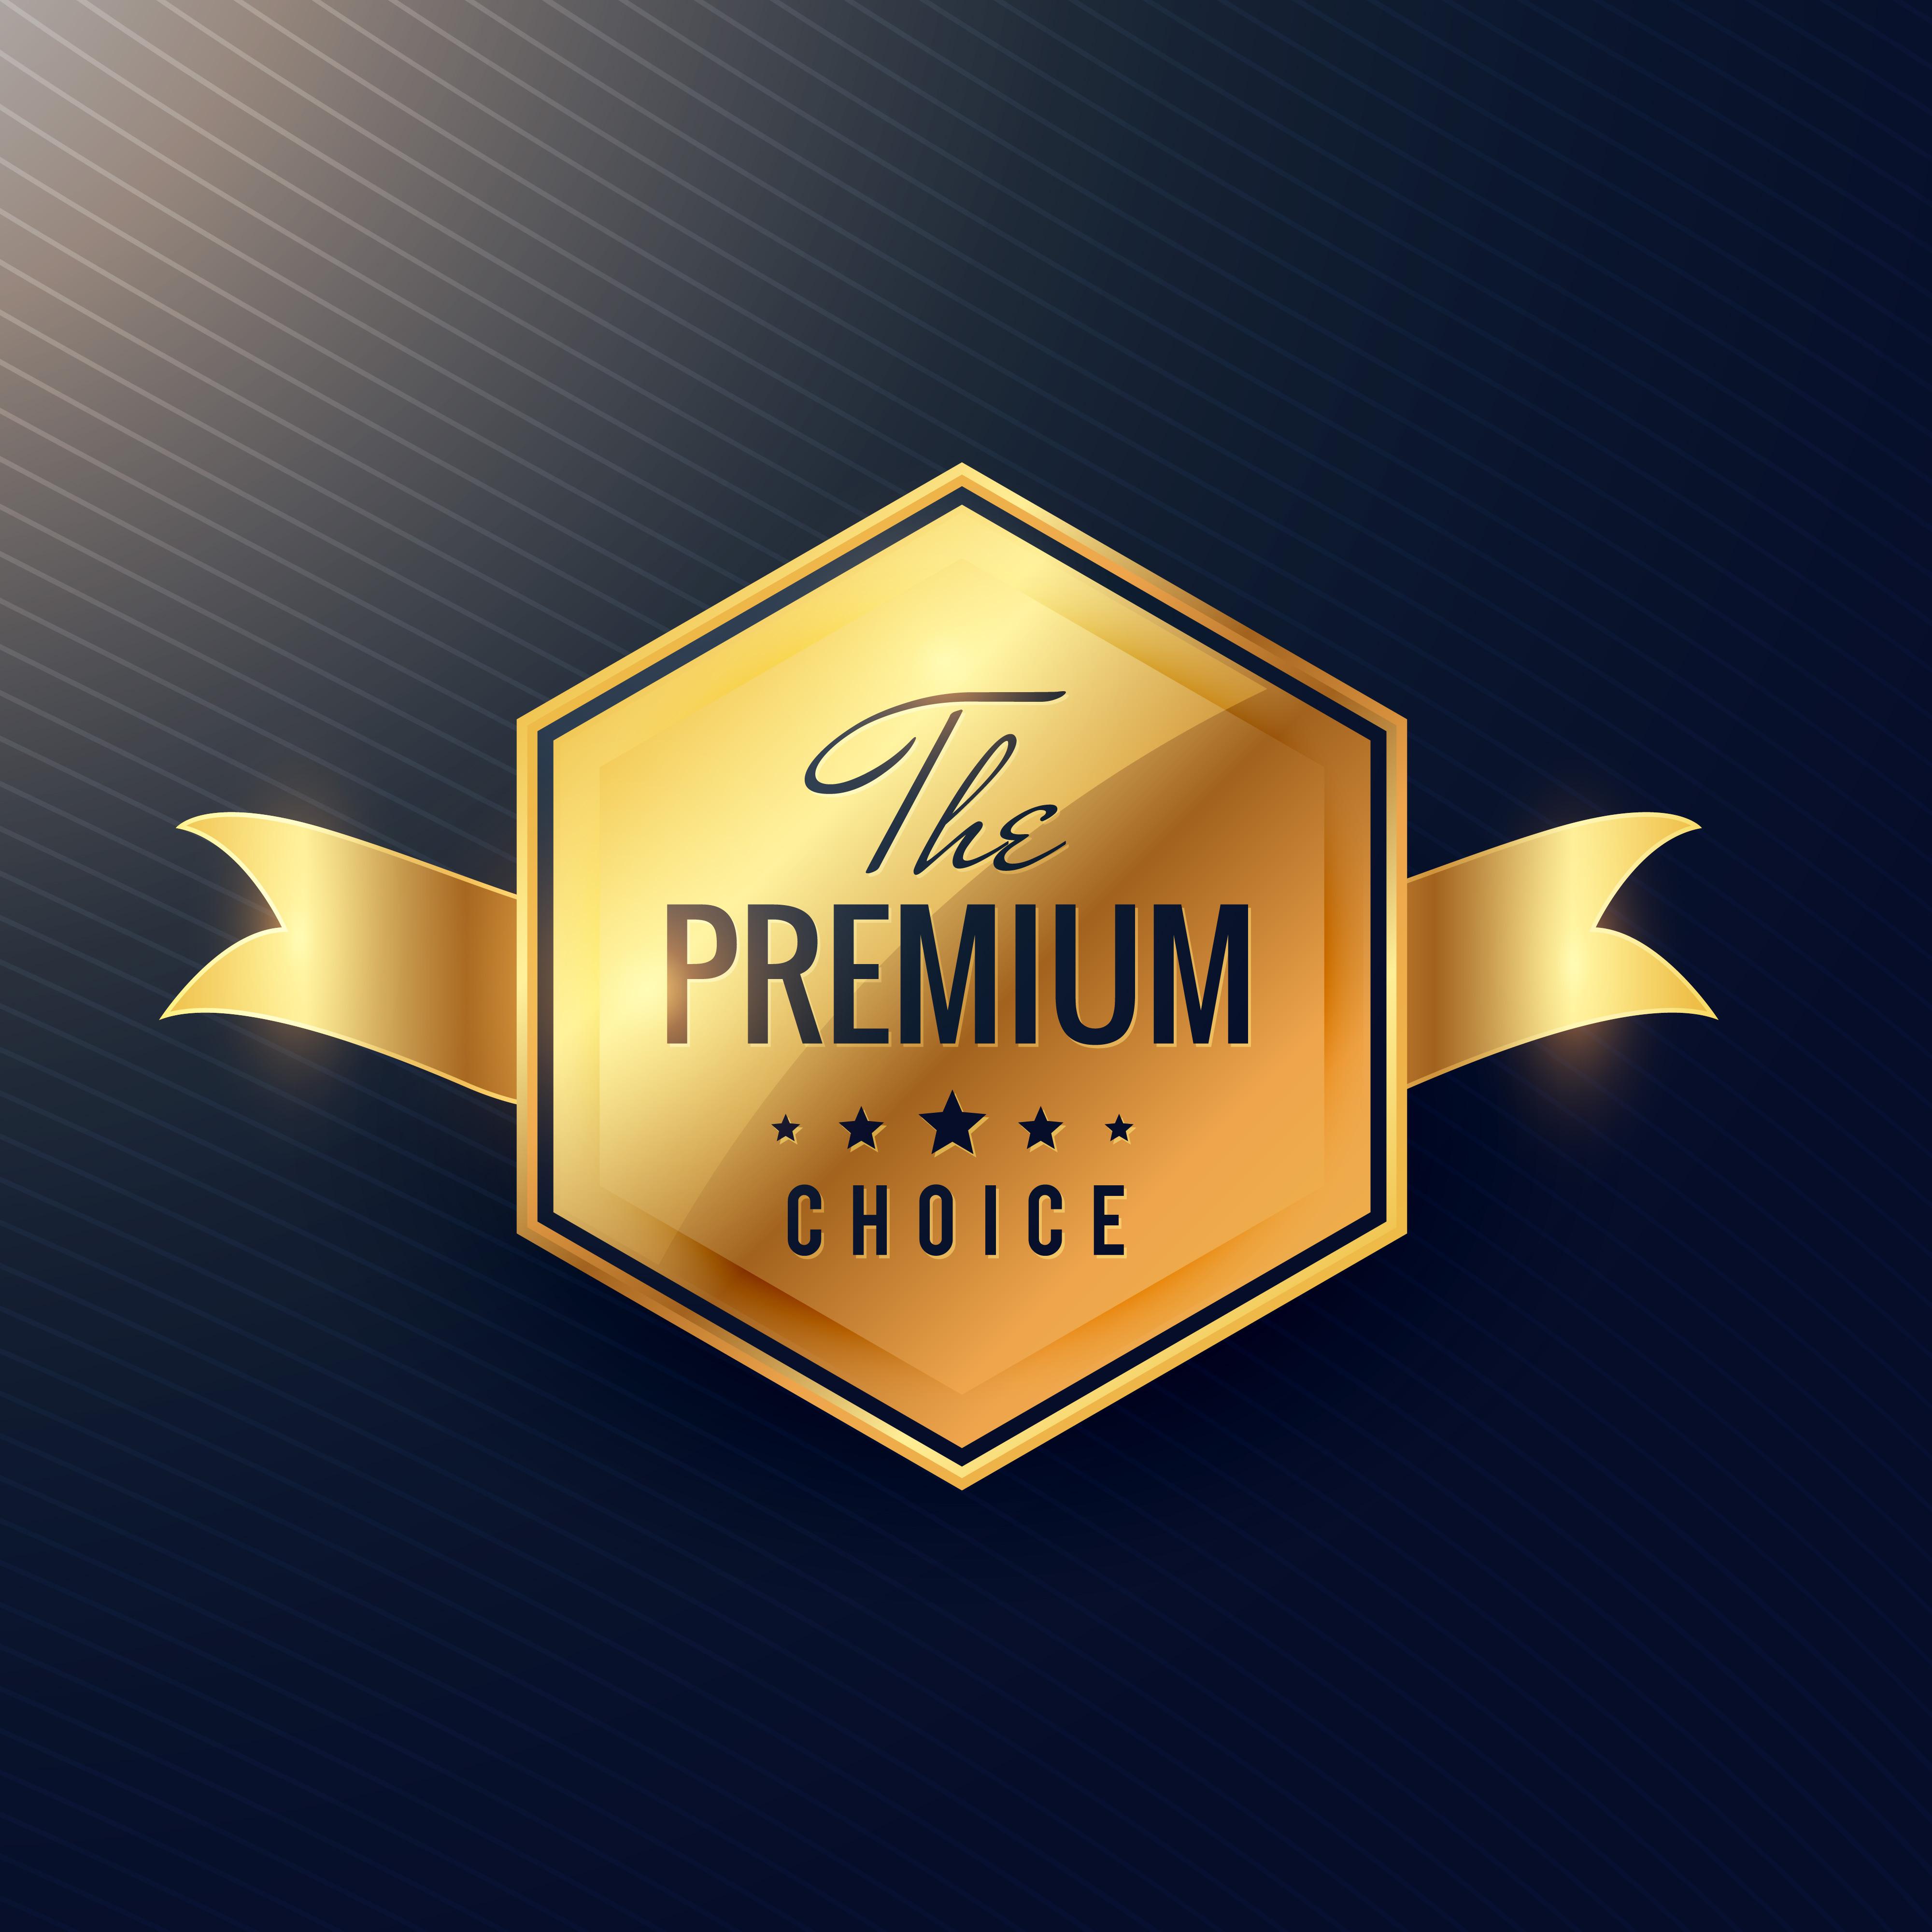 Premium Collection Badge Design: